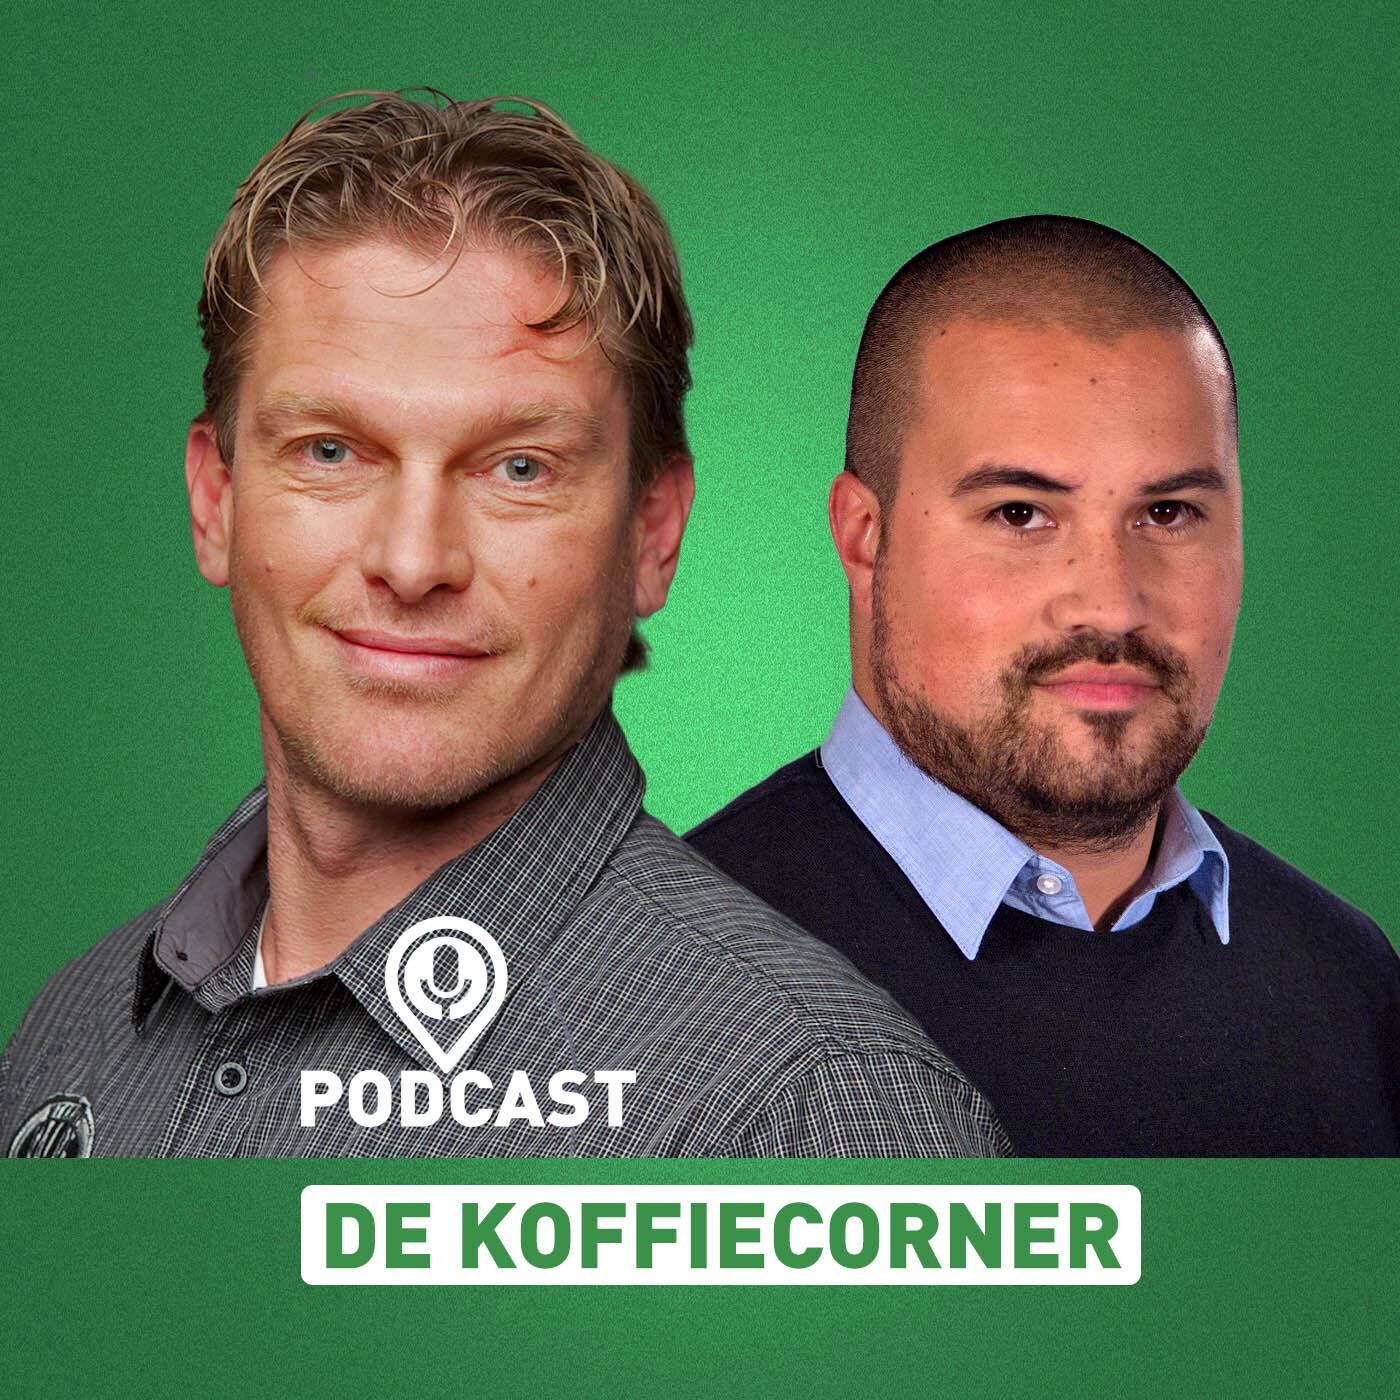 De Koffiecorner #16: Auke van de Kamp komt met primeur over FC Groningen